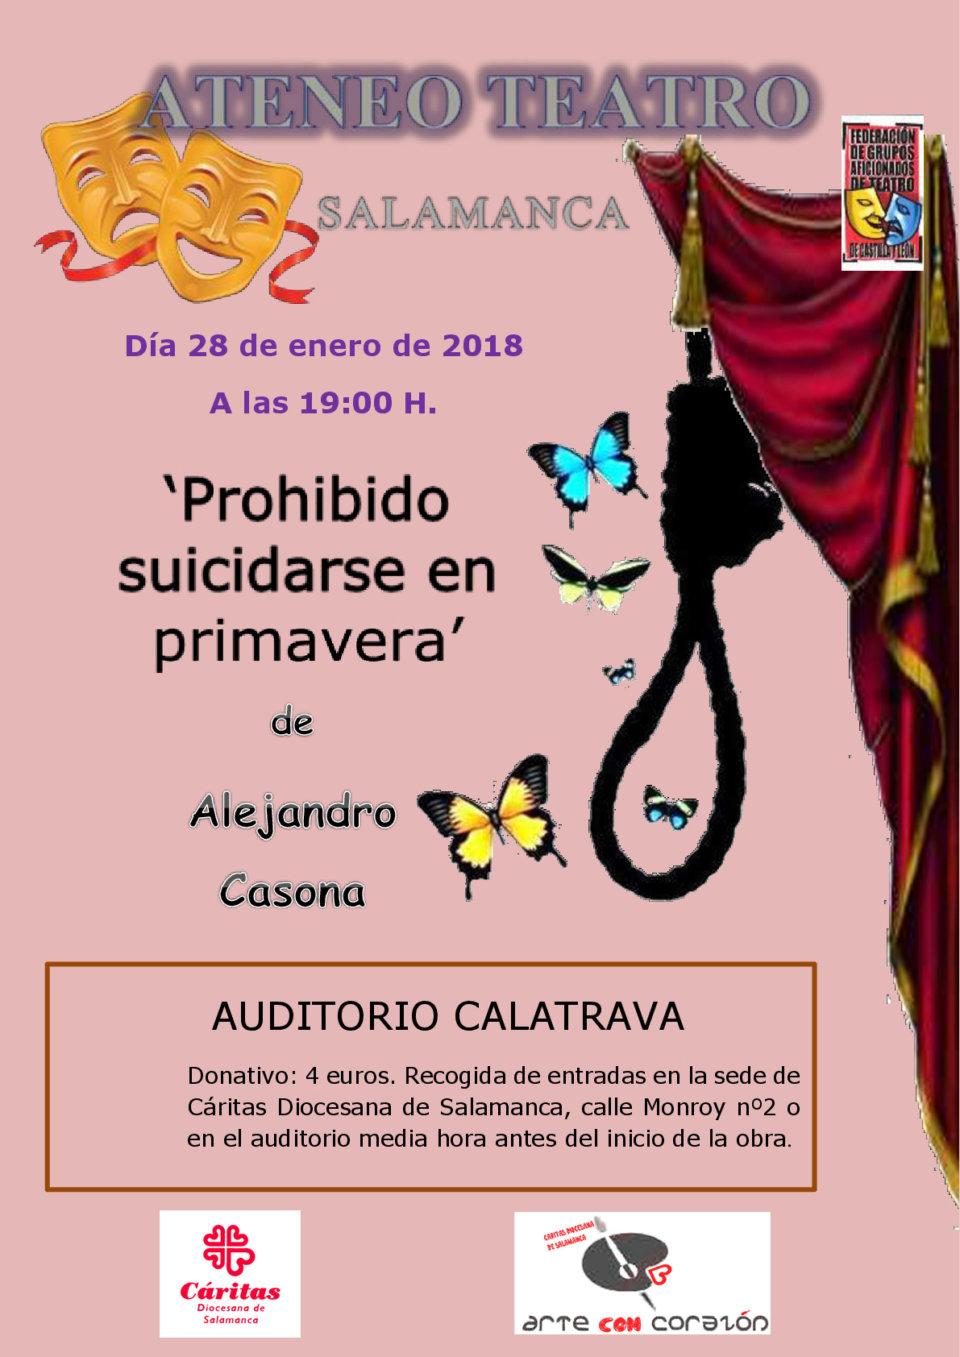 Auditorio Calatrava Ateneo Teatro Prohibido suicidarse en primavera Salamanca Enero 2018